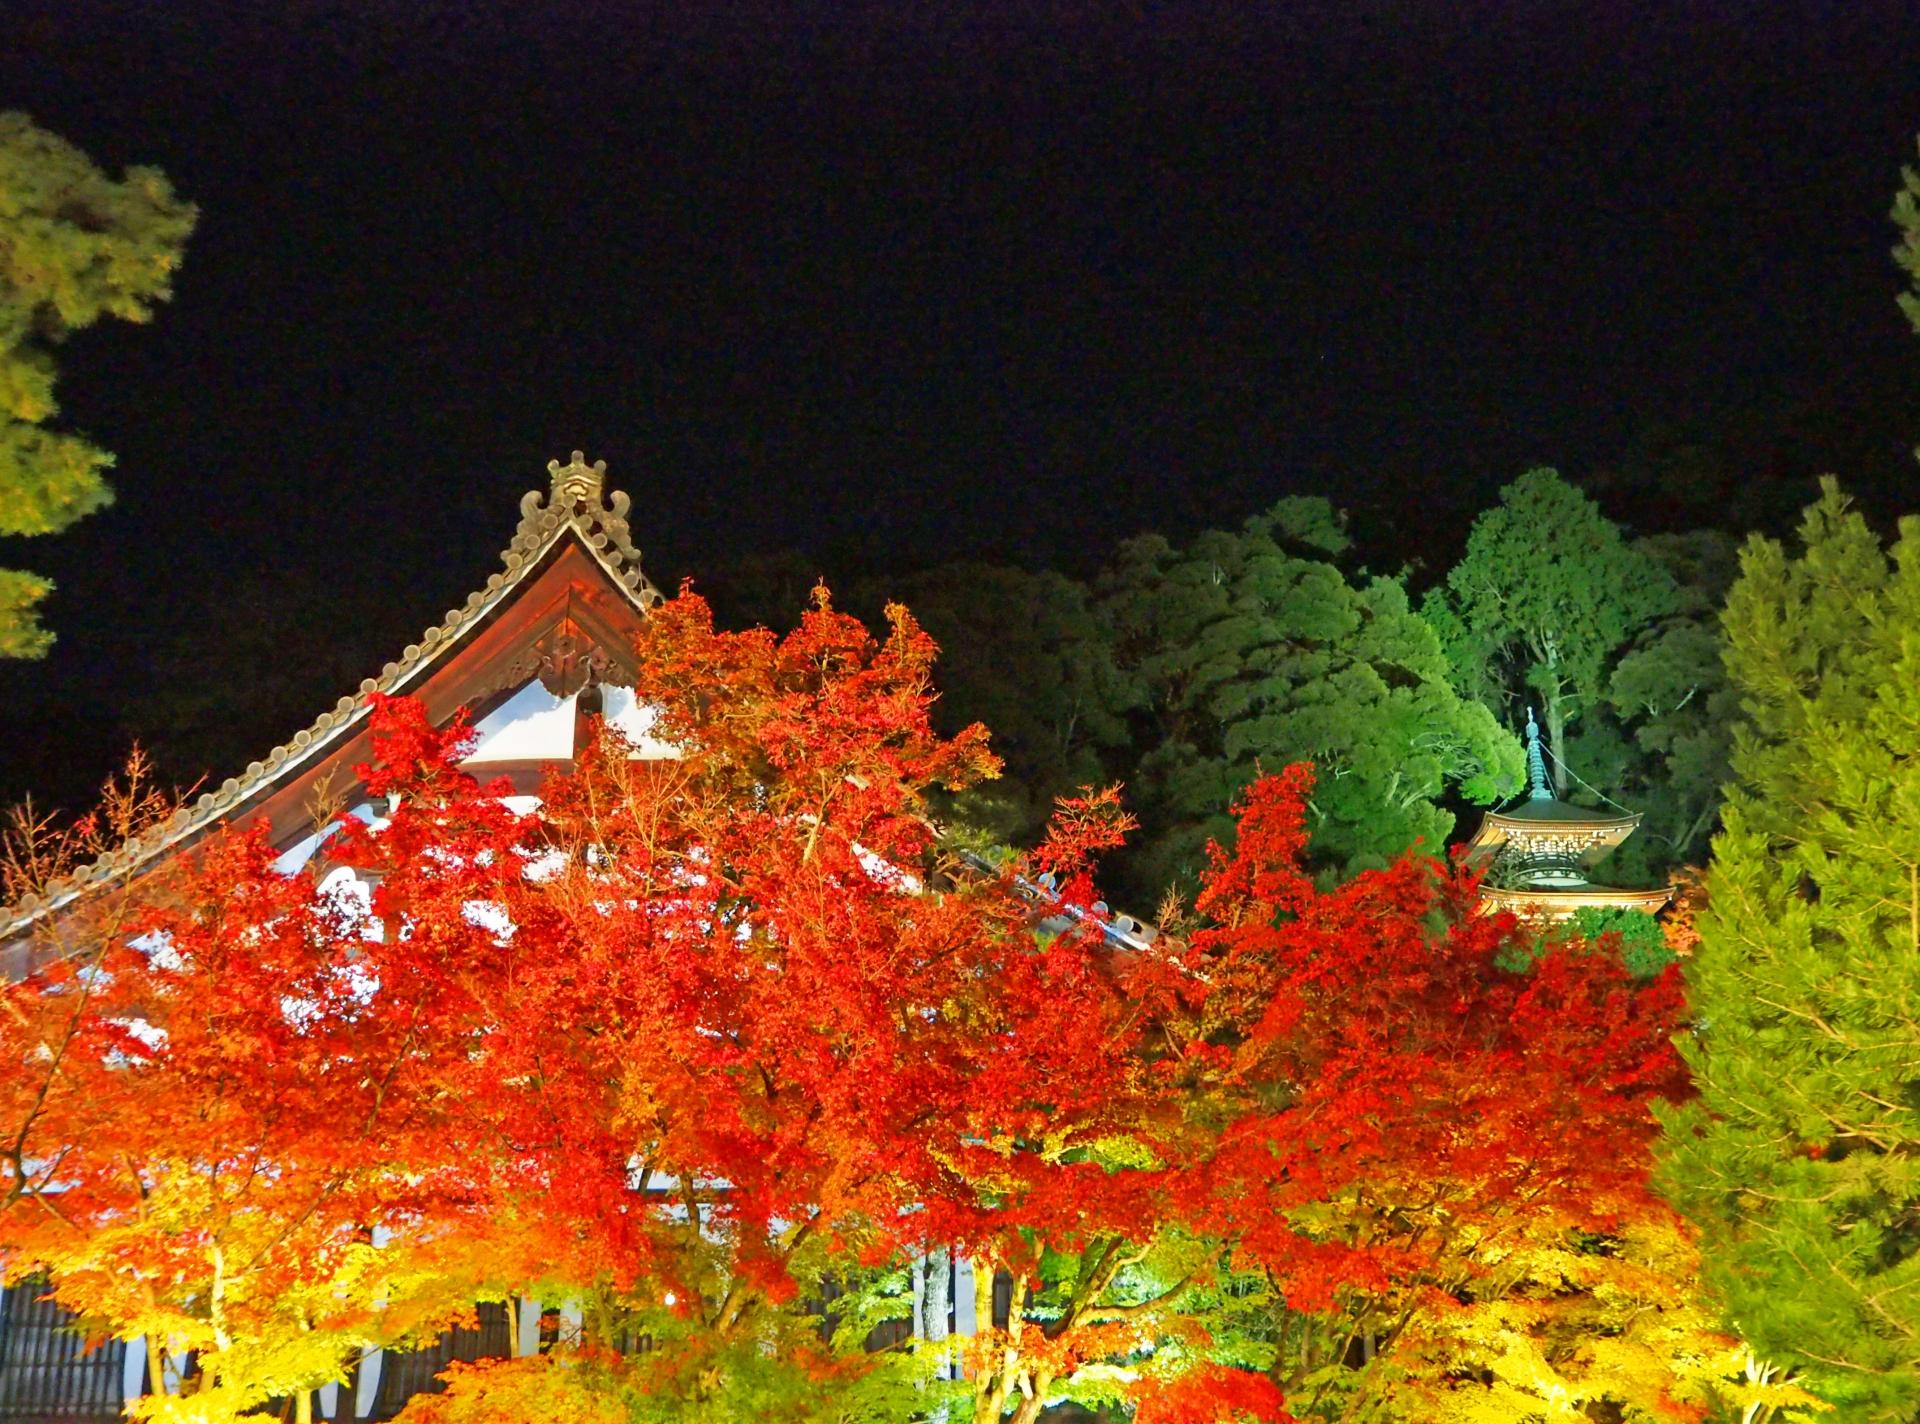 紅葉ランキングで必ず上位にランクインする永観堂禅林寺のライトアップ時期や時間